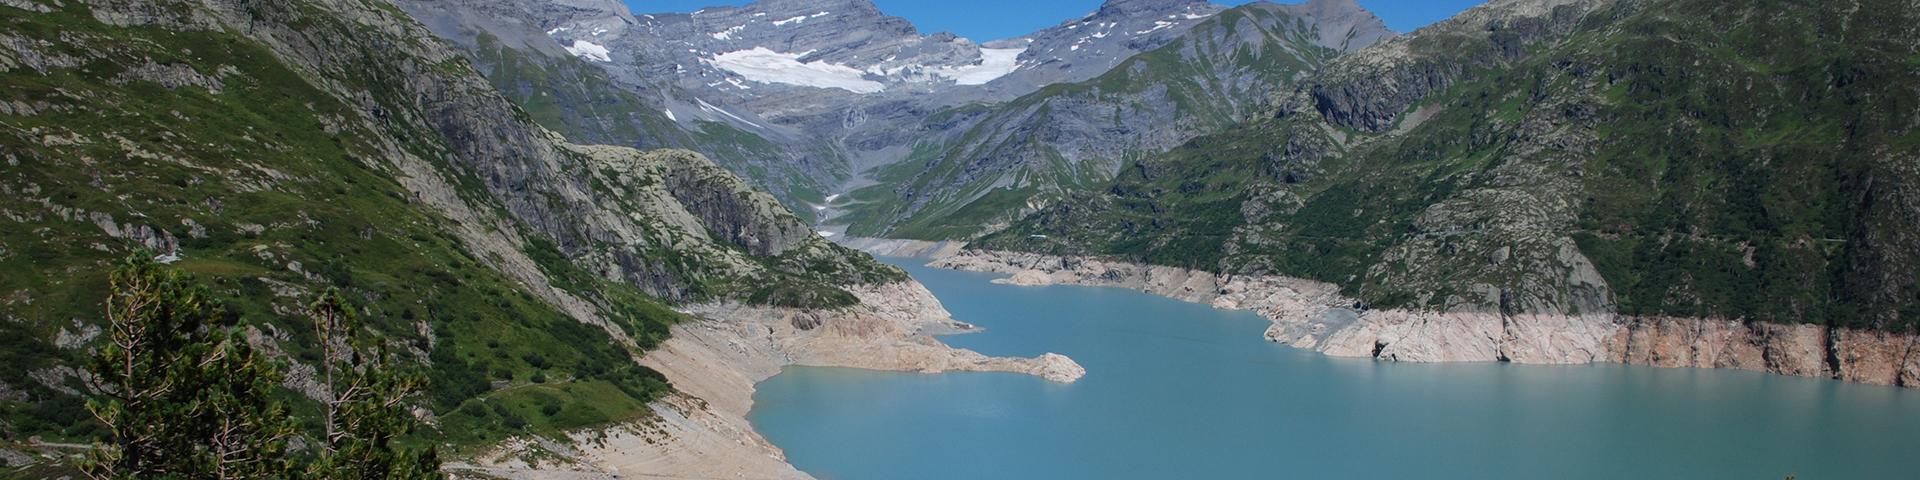 Le lac du barrage franco-suisse, Suisse